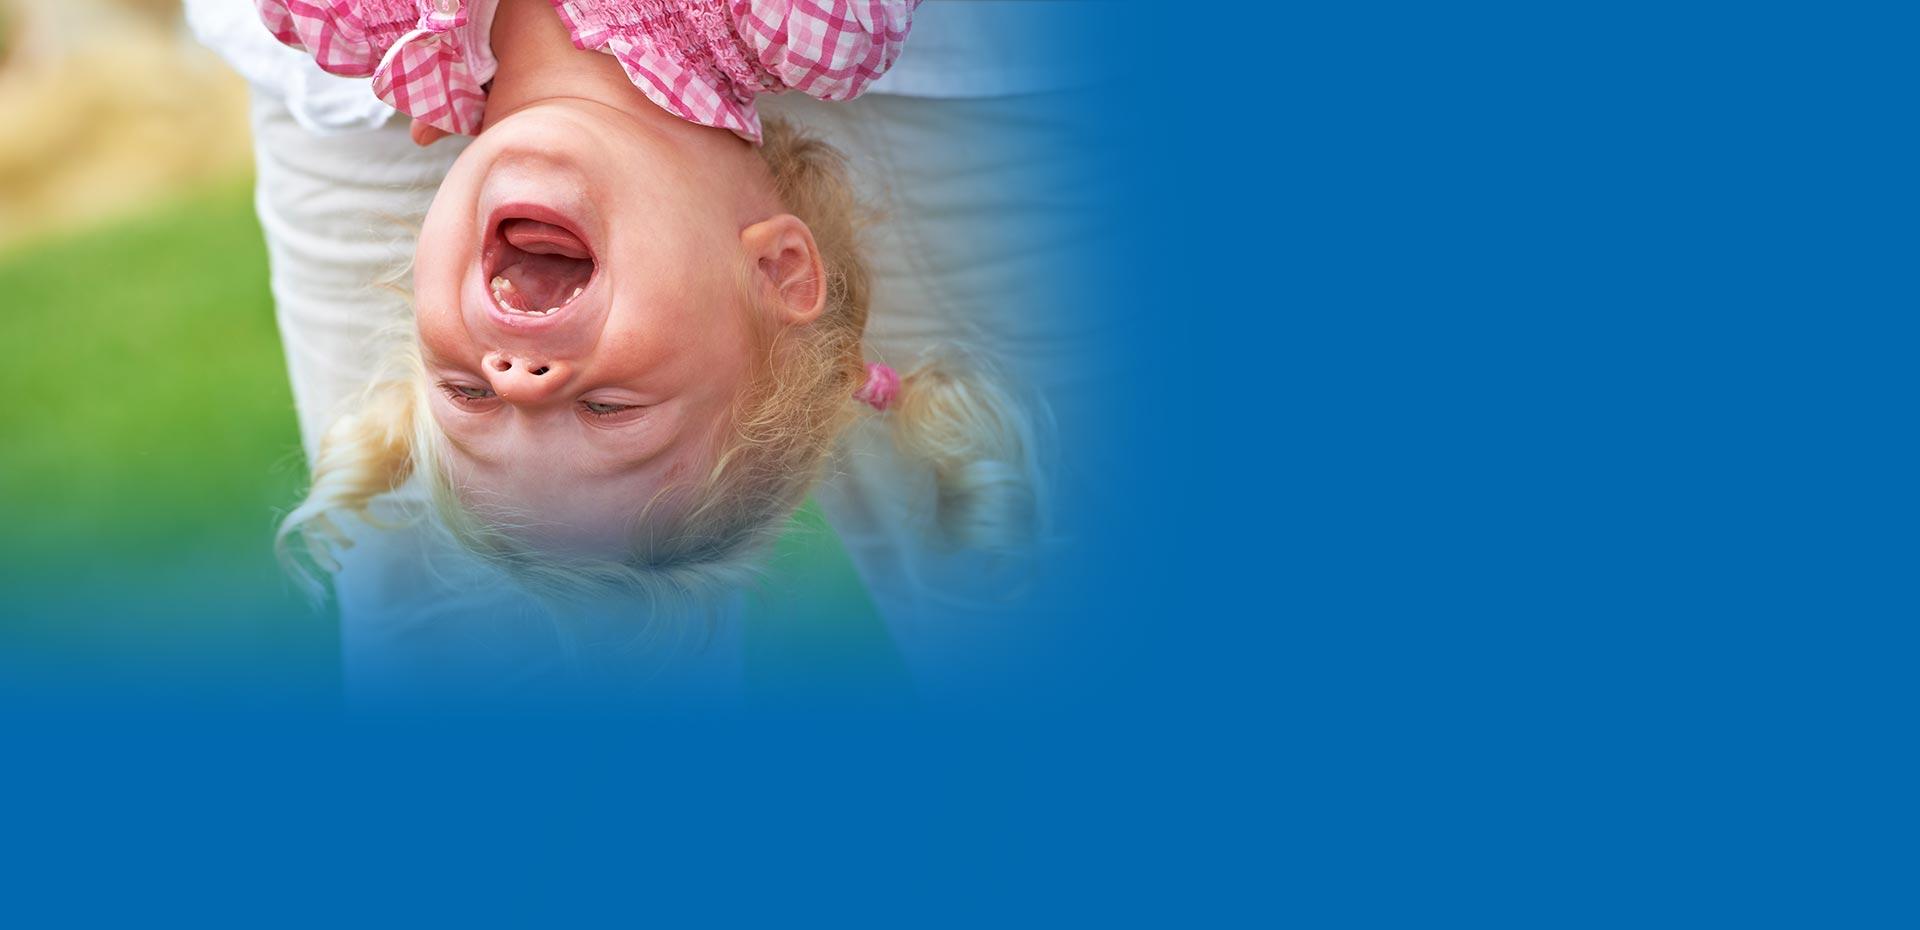 Mädchen hängt mit dem Kopf nach unten und lacht, so dass die Zähne sichtbar sind